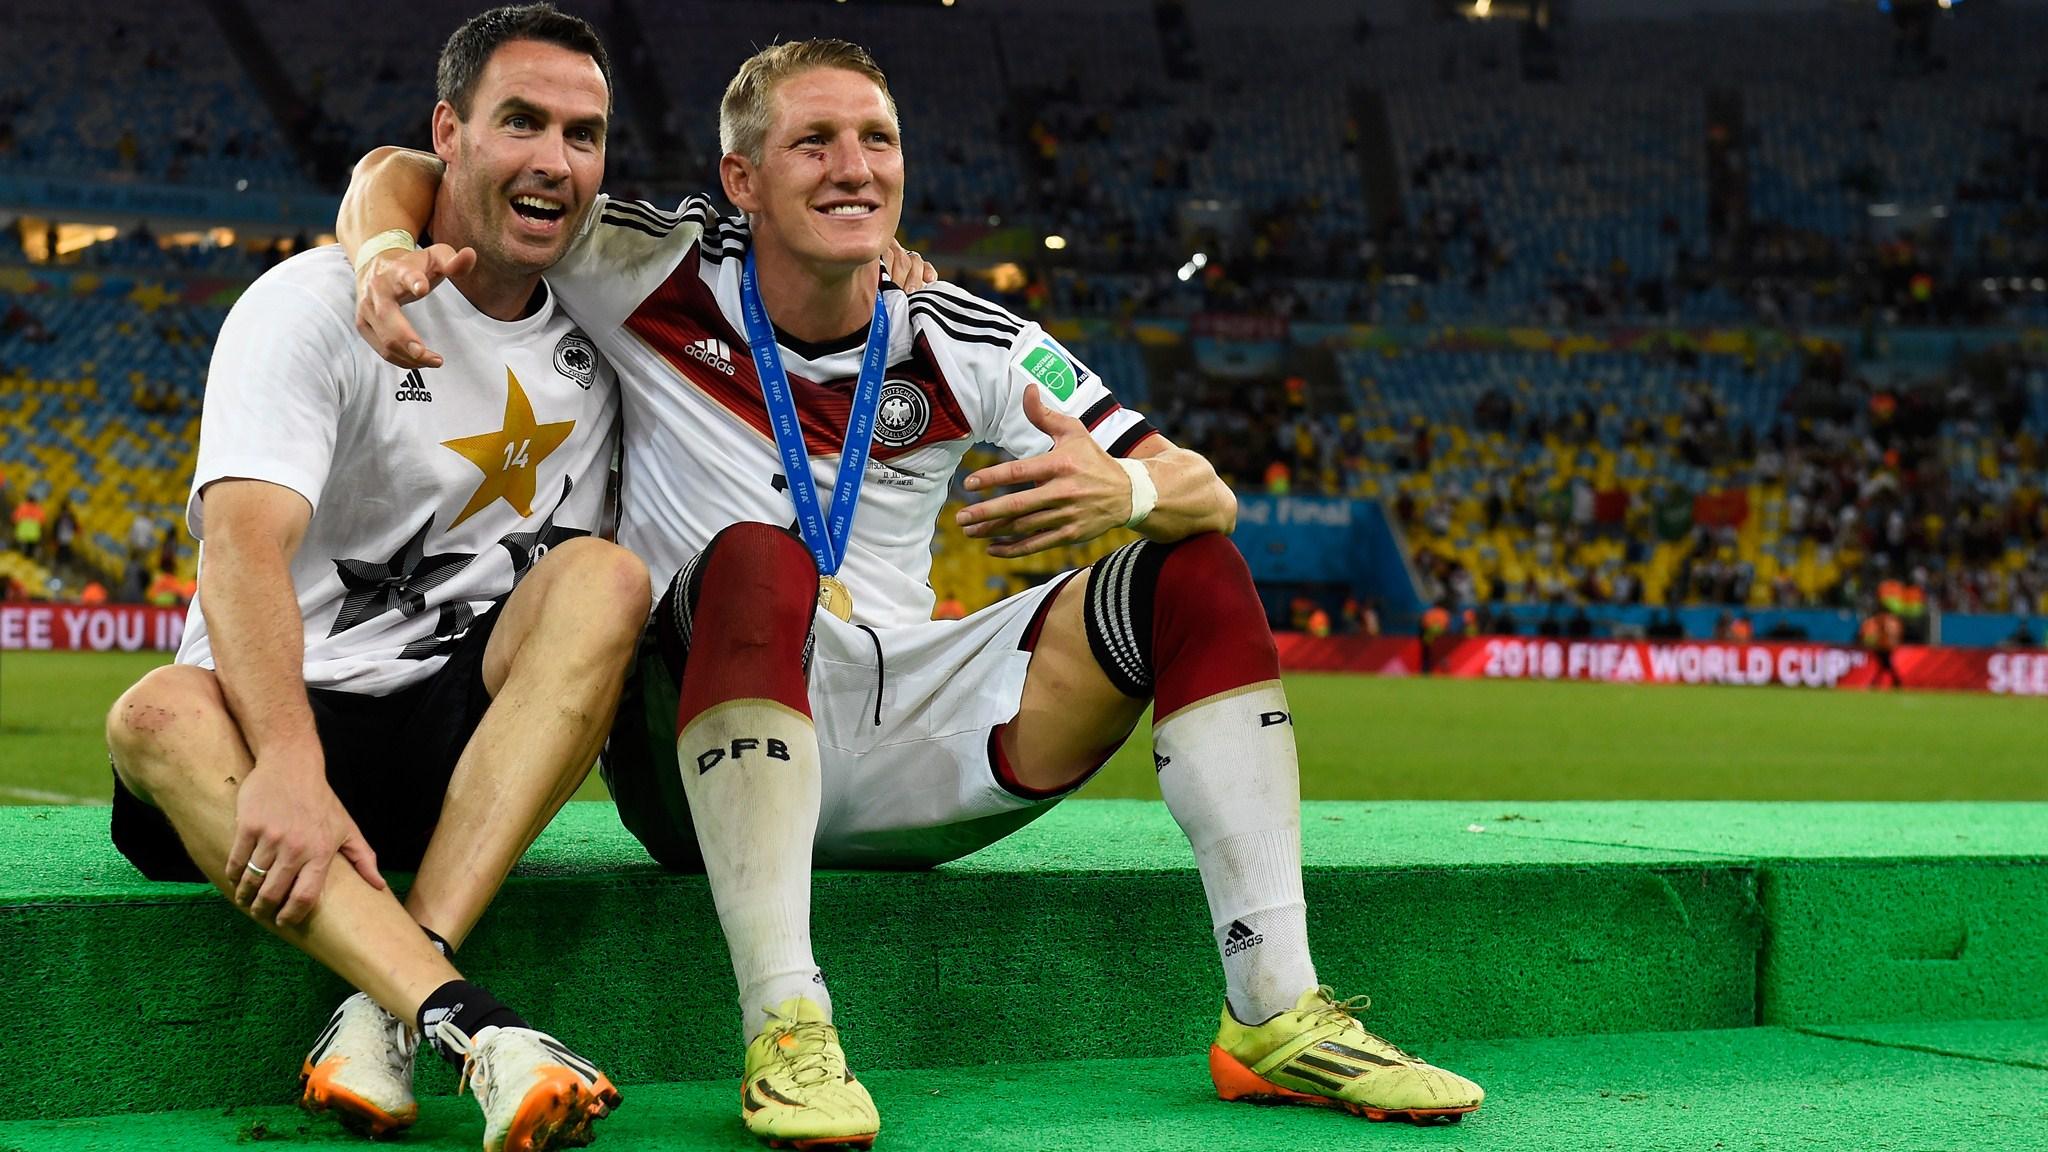 114 - Germany-Argentina [1-0] -- 13 Jul 2014 - 16-00 - kuaza